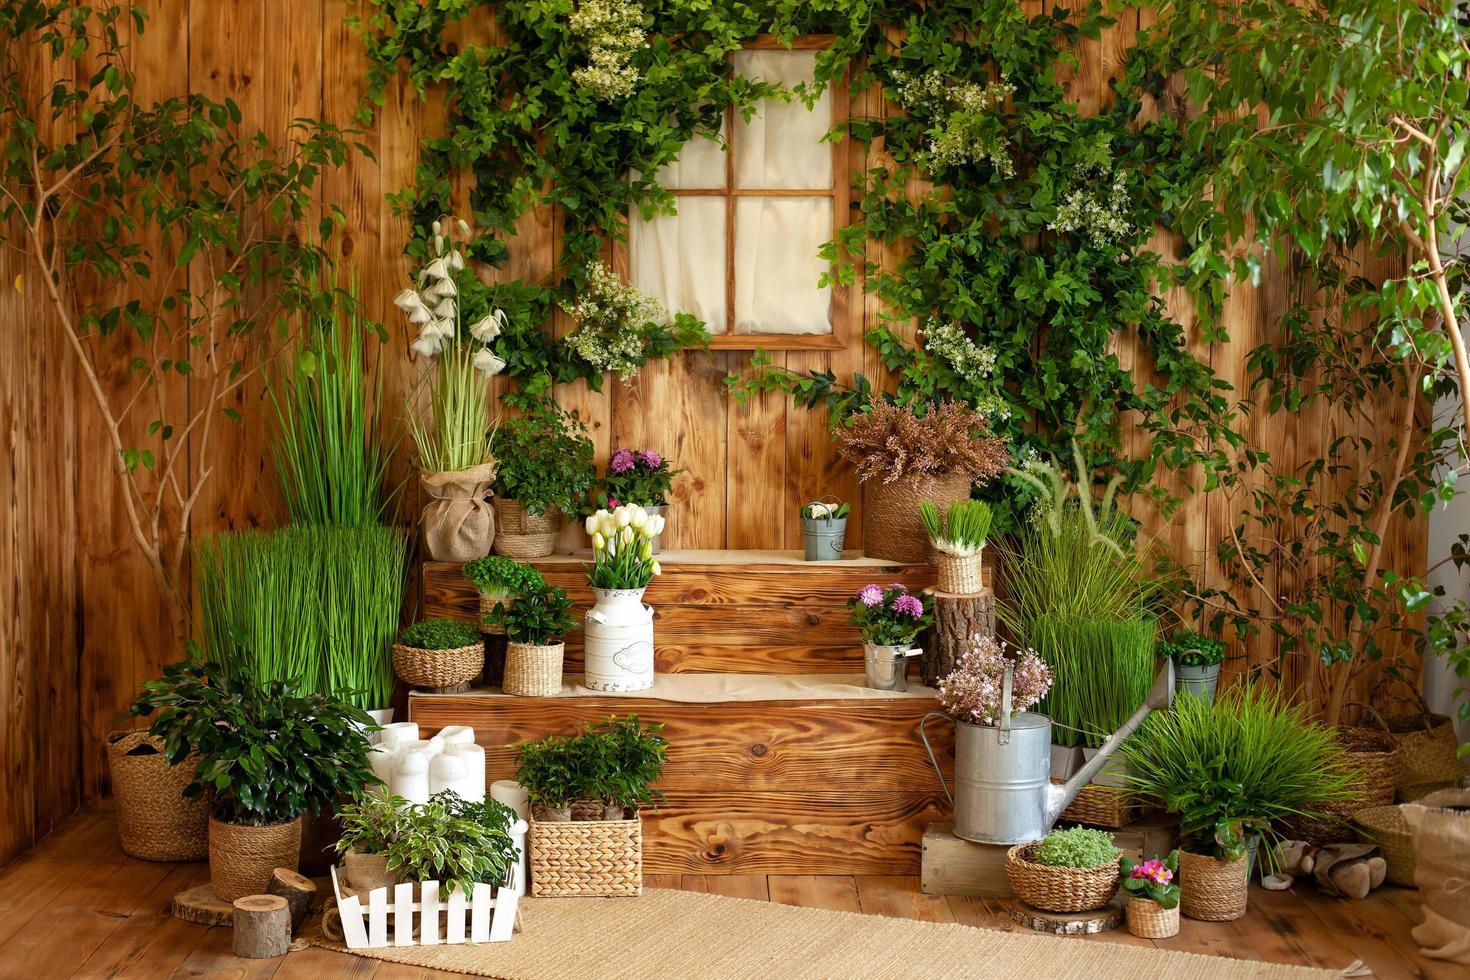 patio primaverile di una casa in legno con piante verdi foto